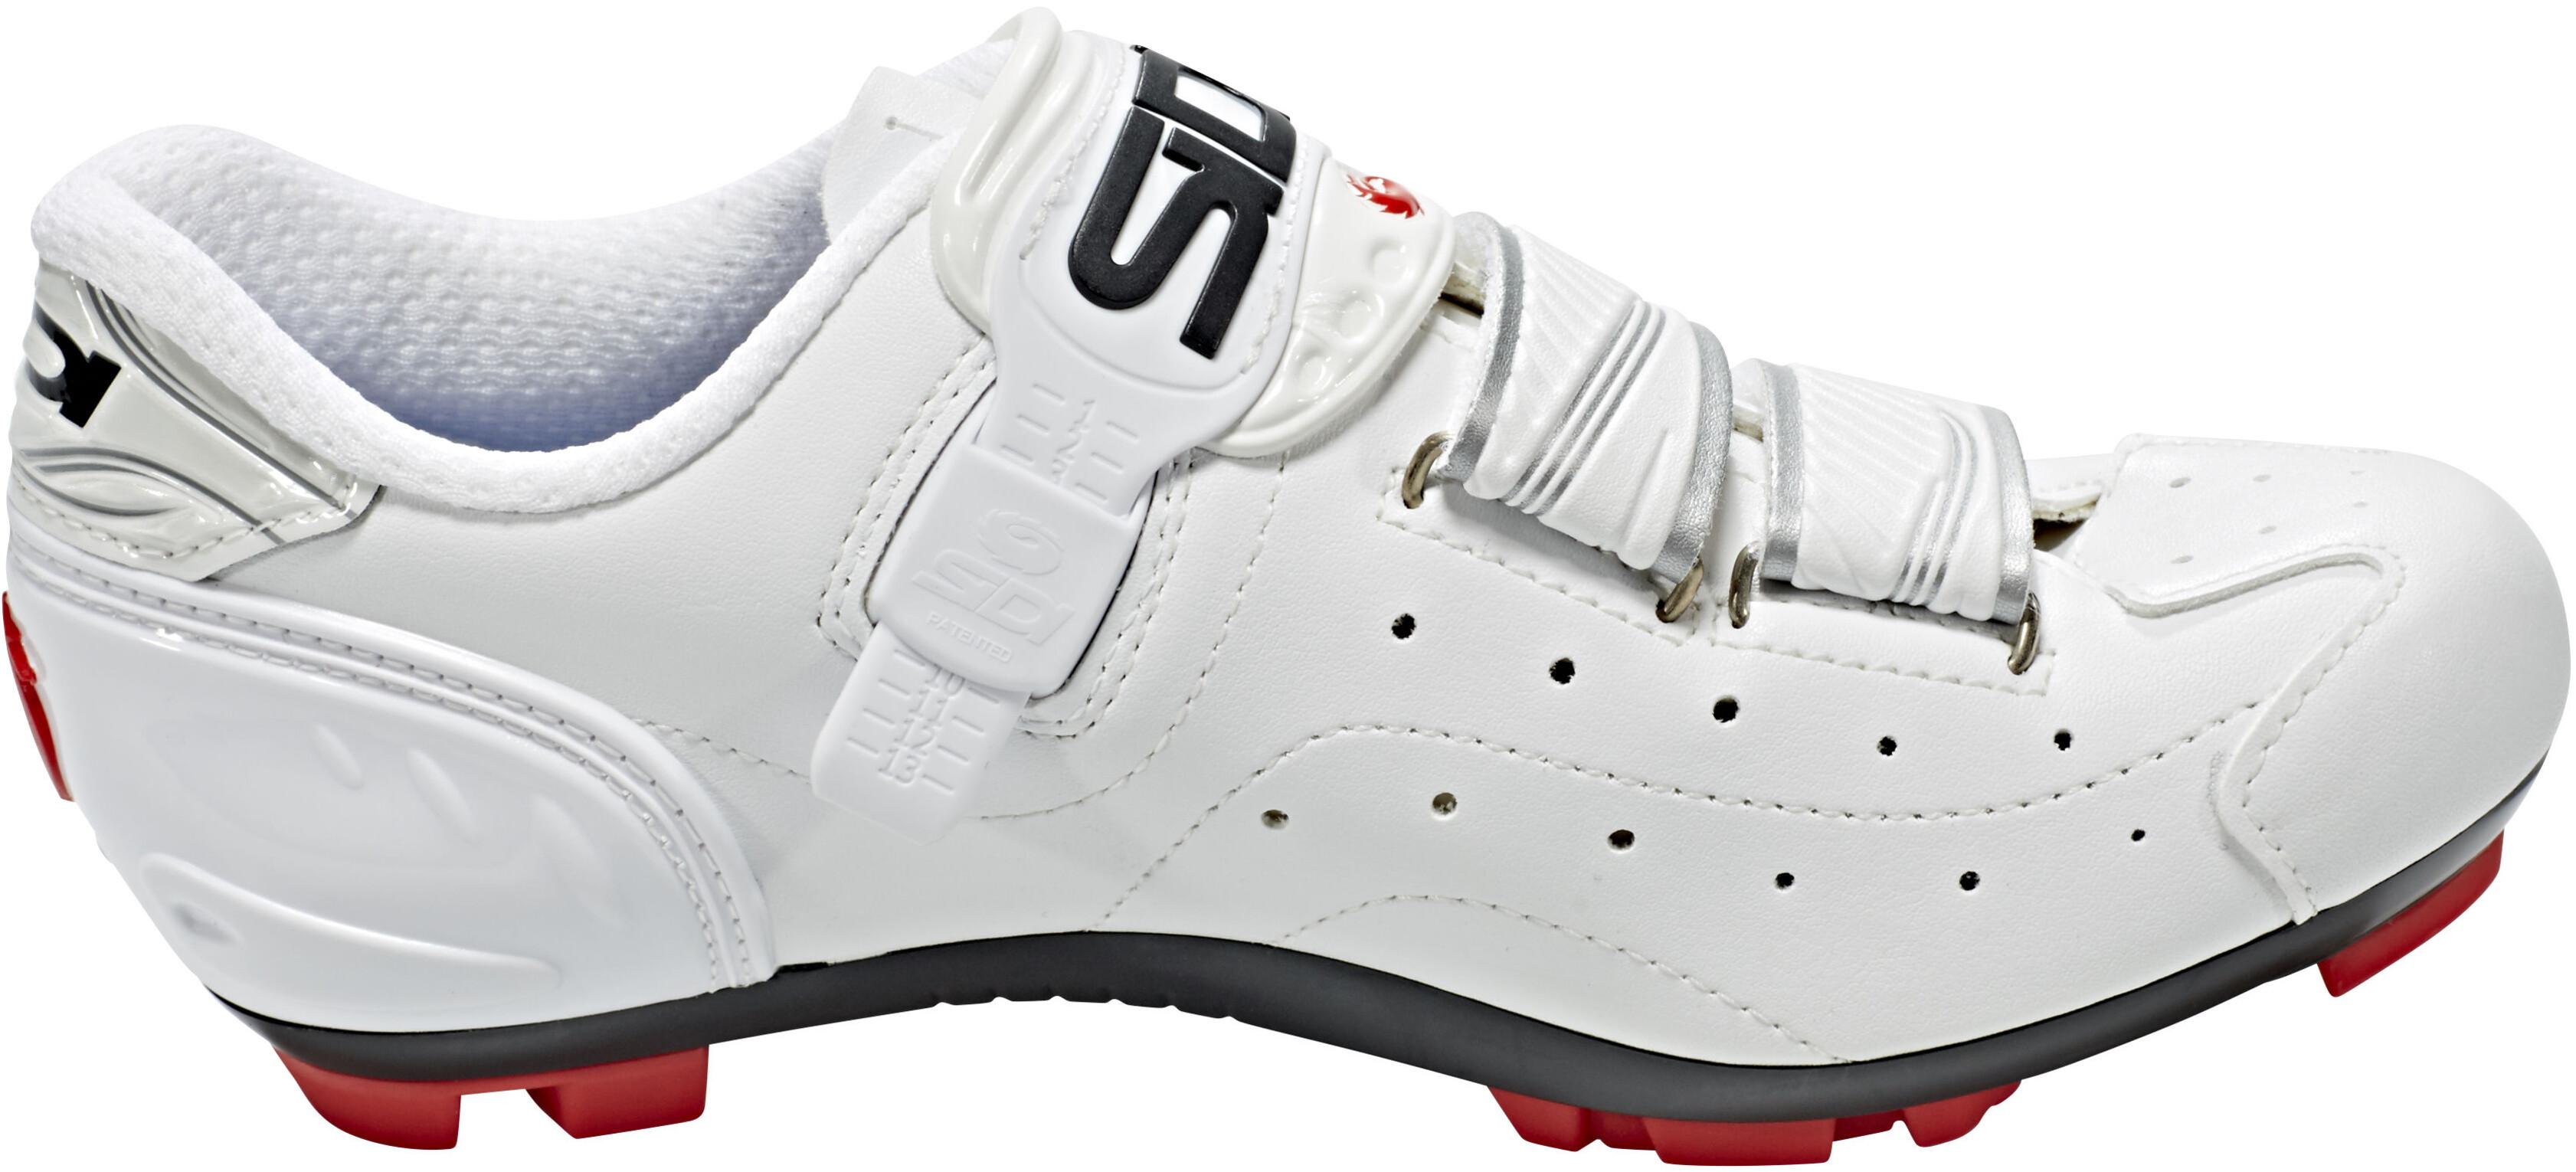 dbdf32a76cd Sidi Trace Shoes Women white/white at Bikester.co.uk